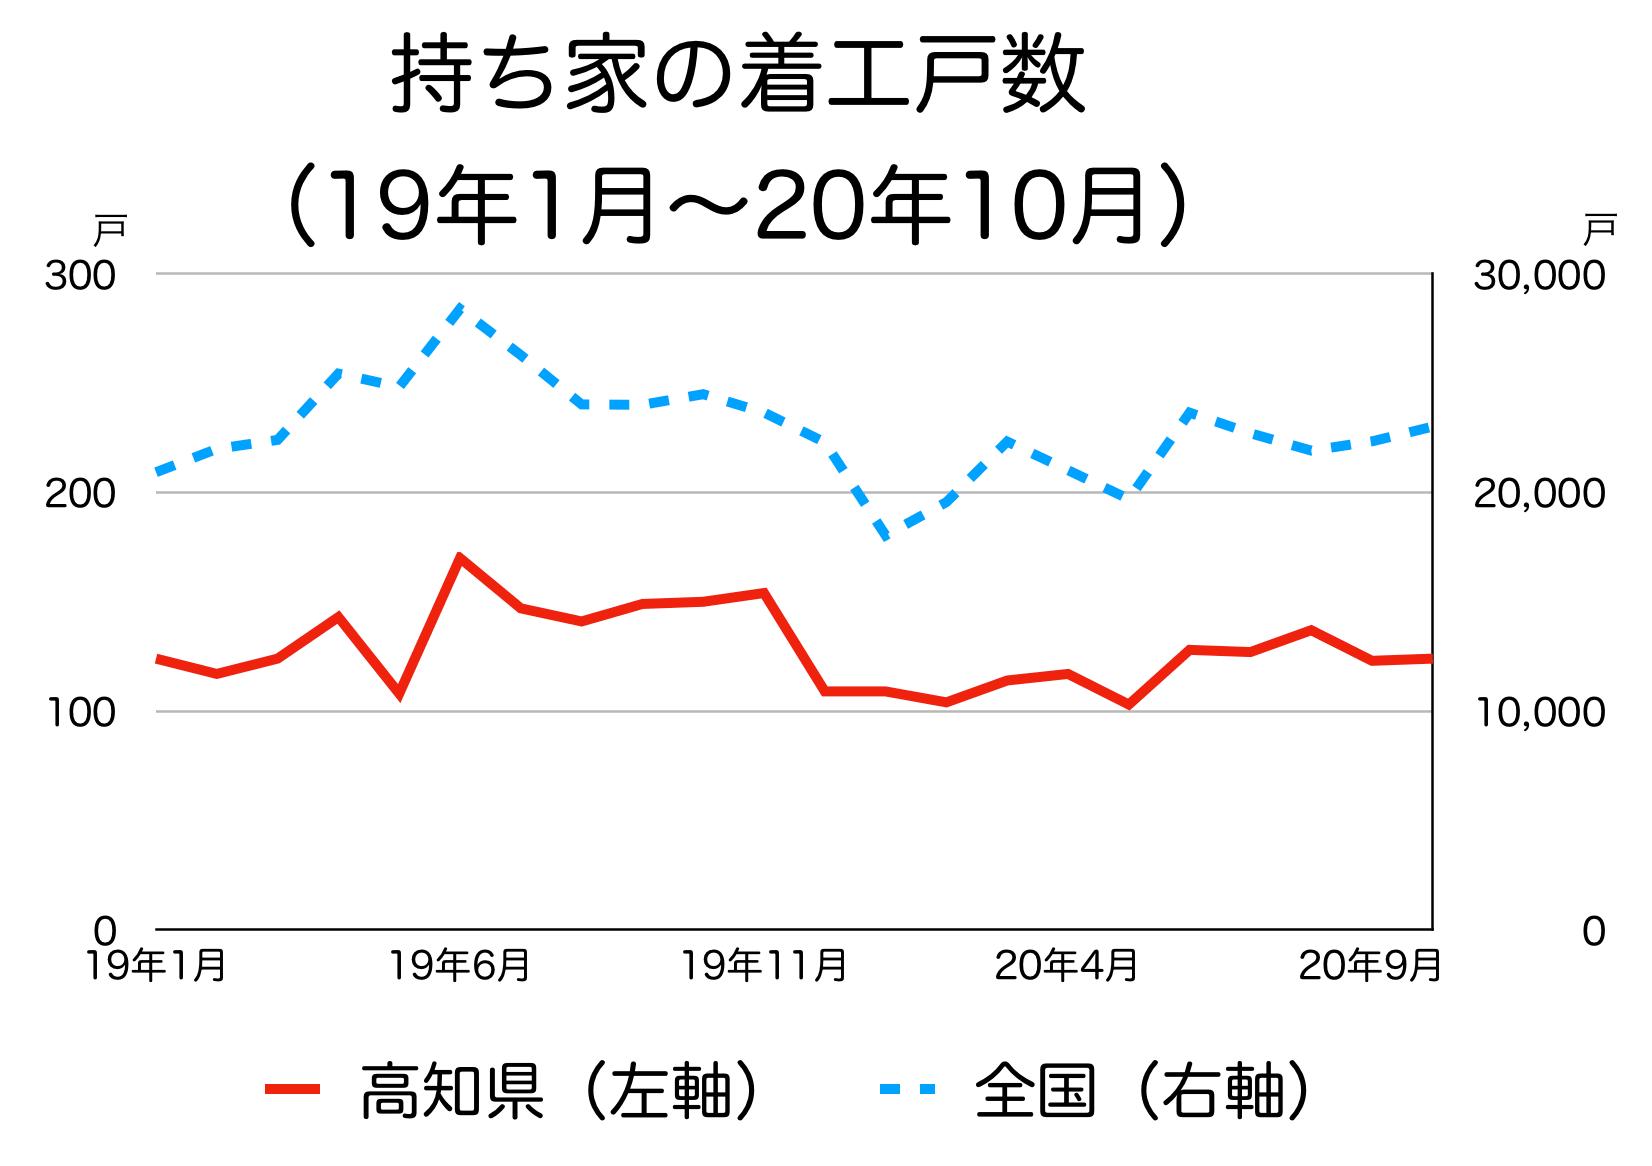 高知県の新築着工統計